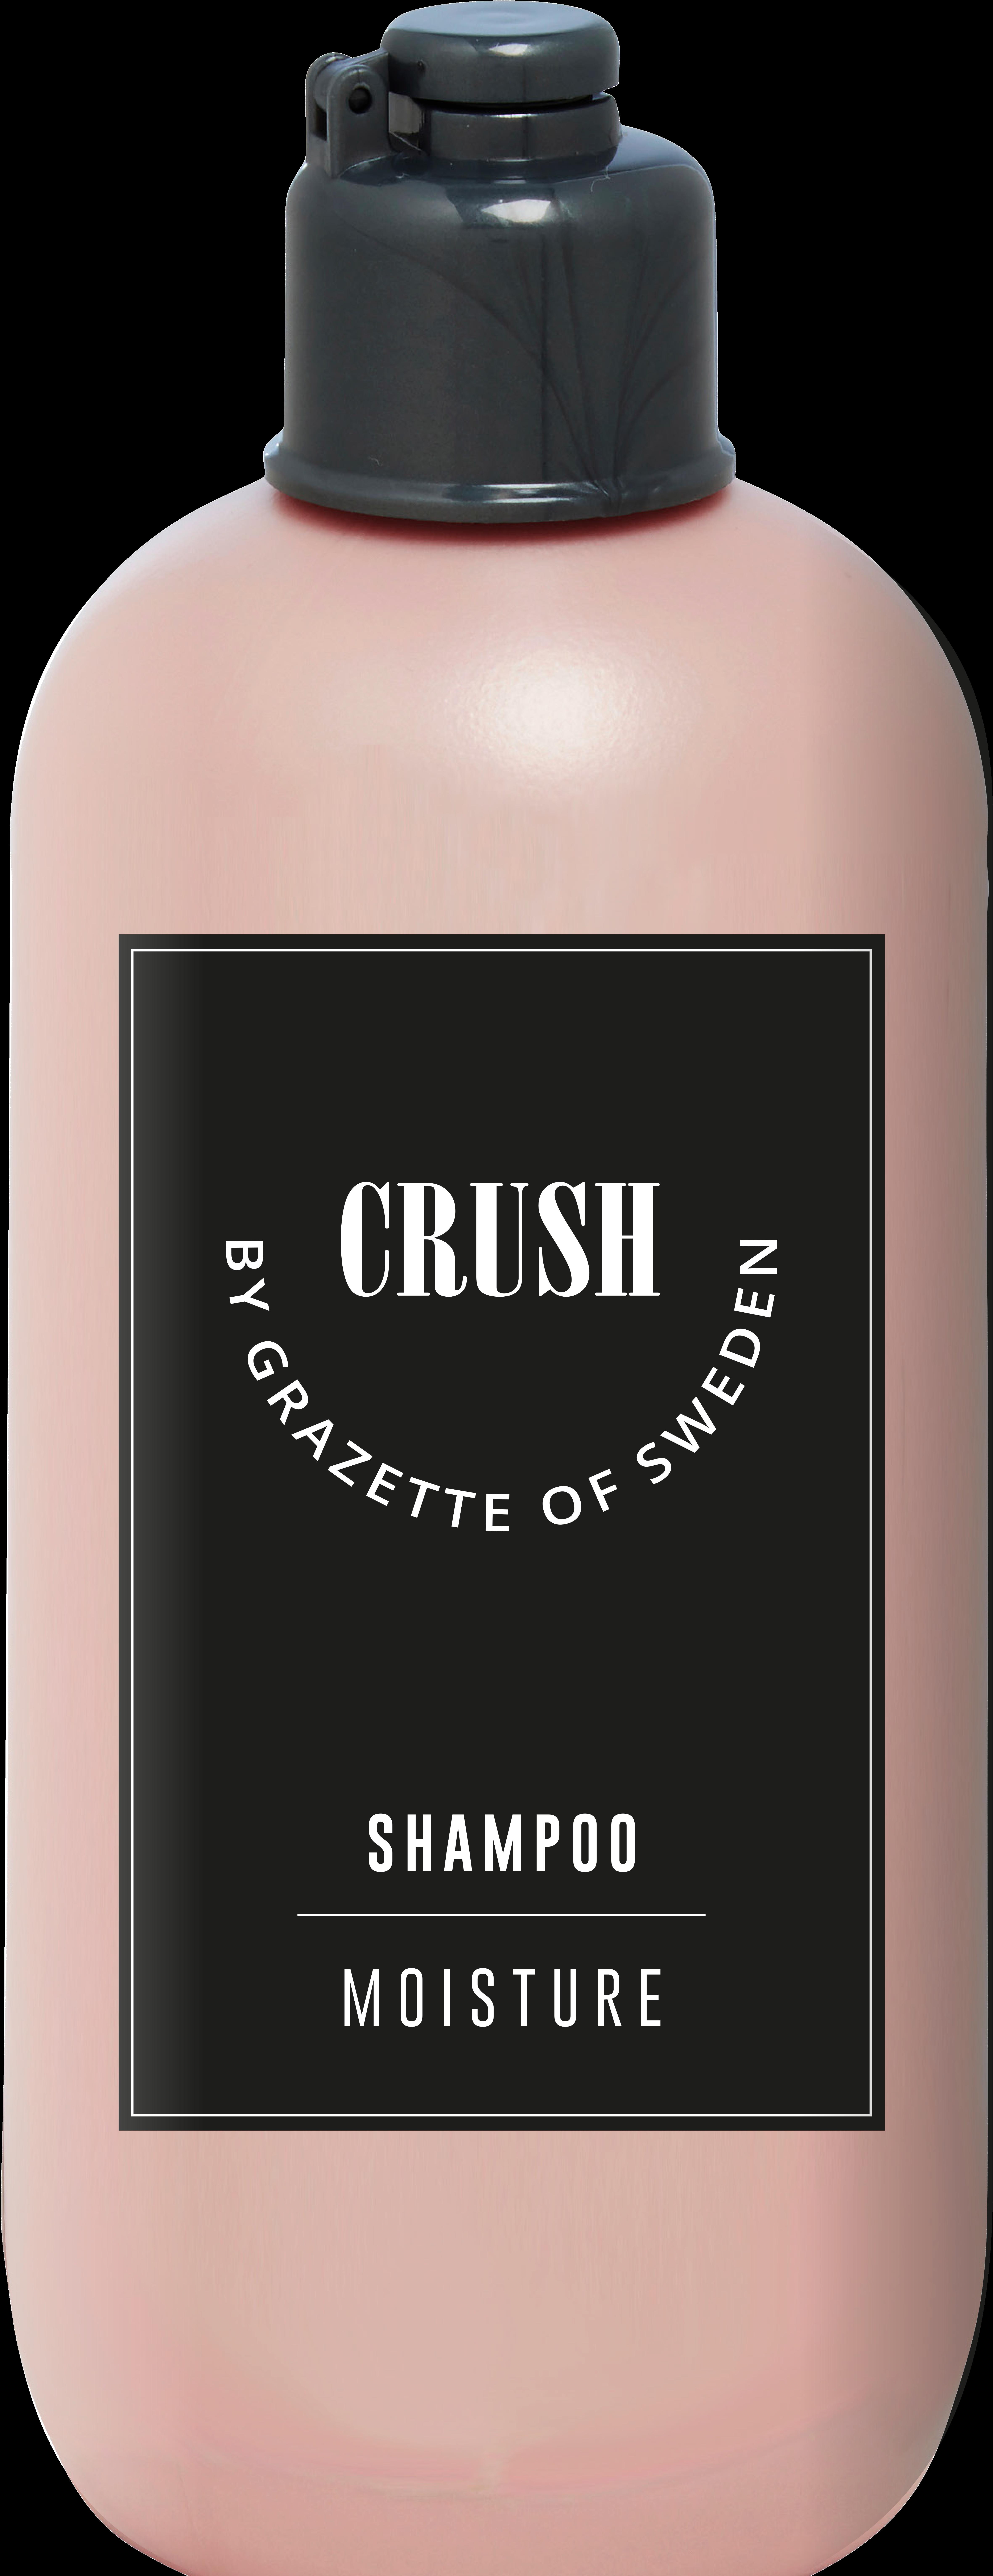 grazette crush 6 wonder shampoo